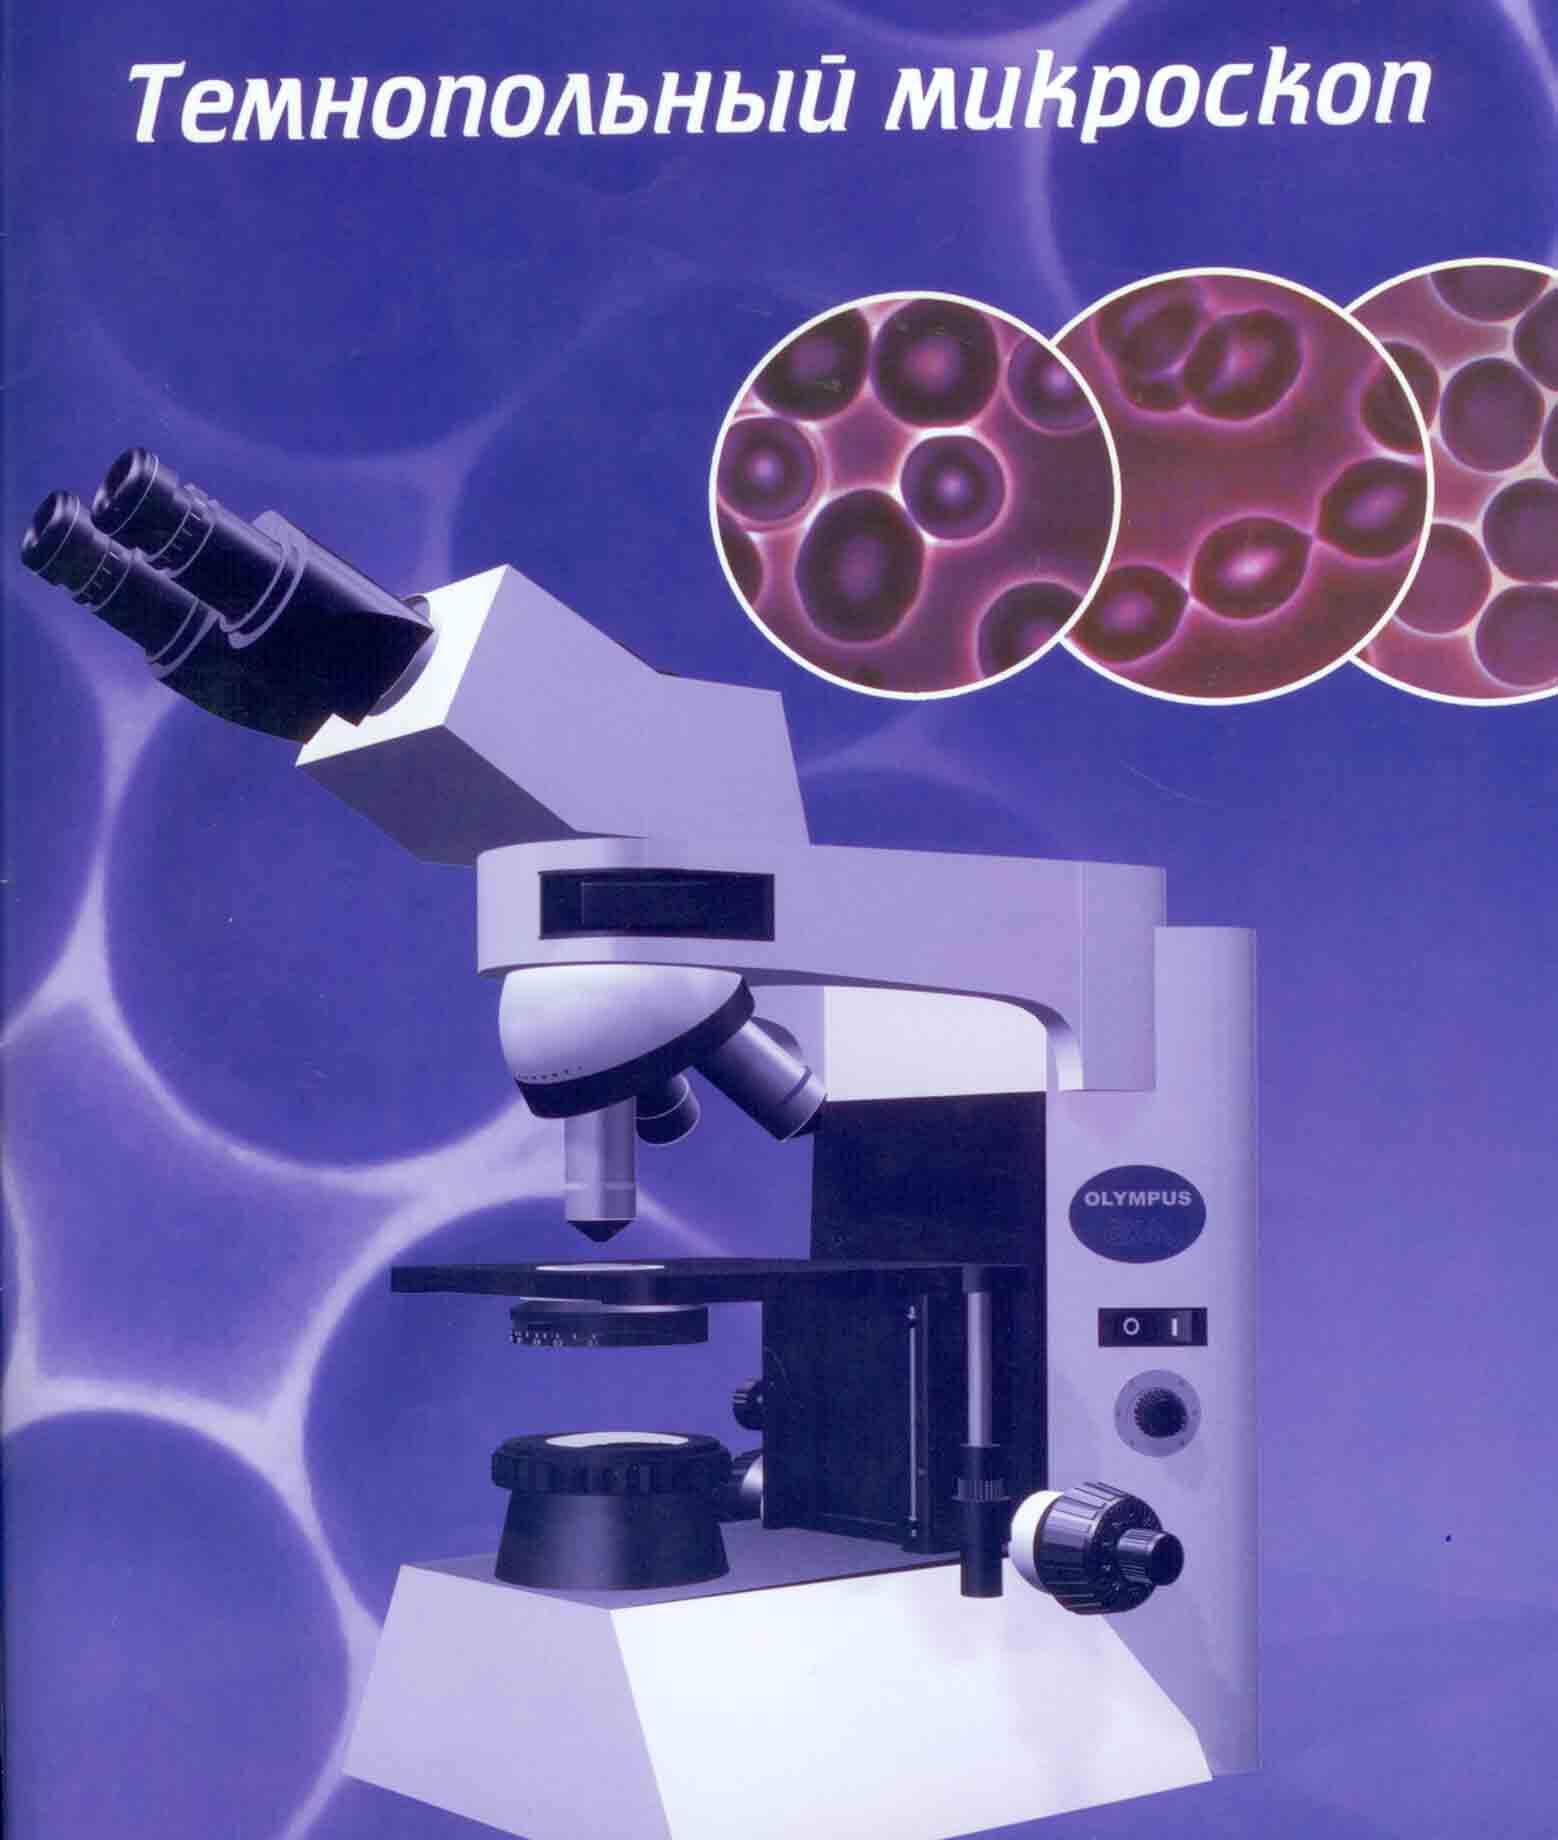 Анализ здоровья по капле крови биохимический анализ крови липиды норма 5-11 ммоль/л